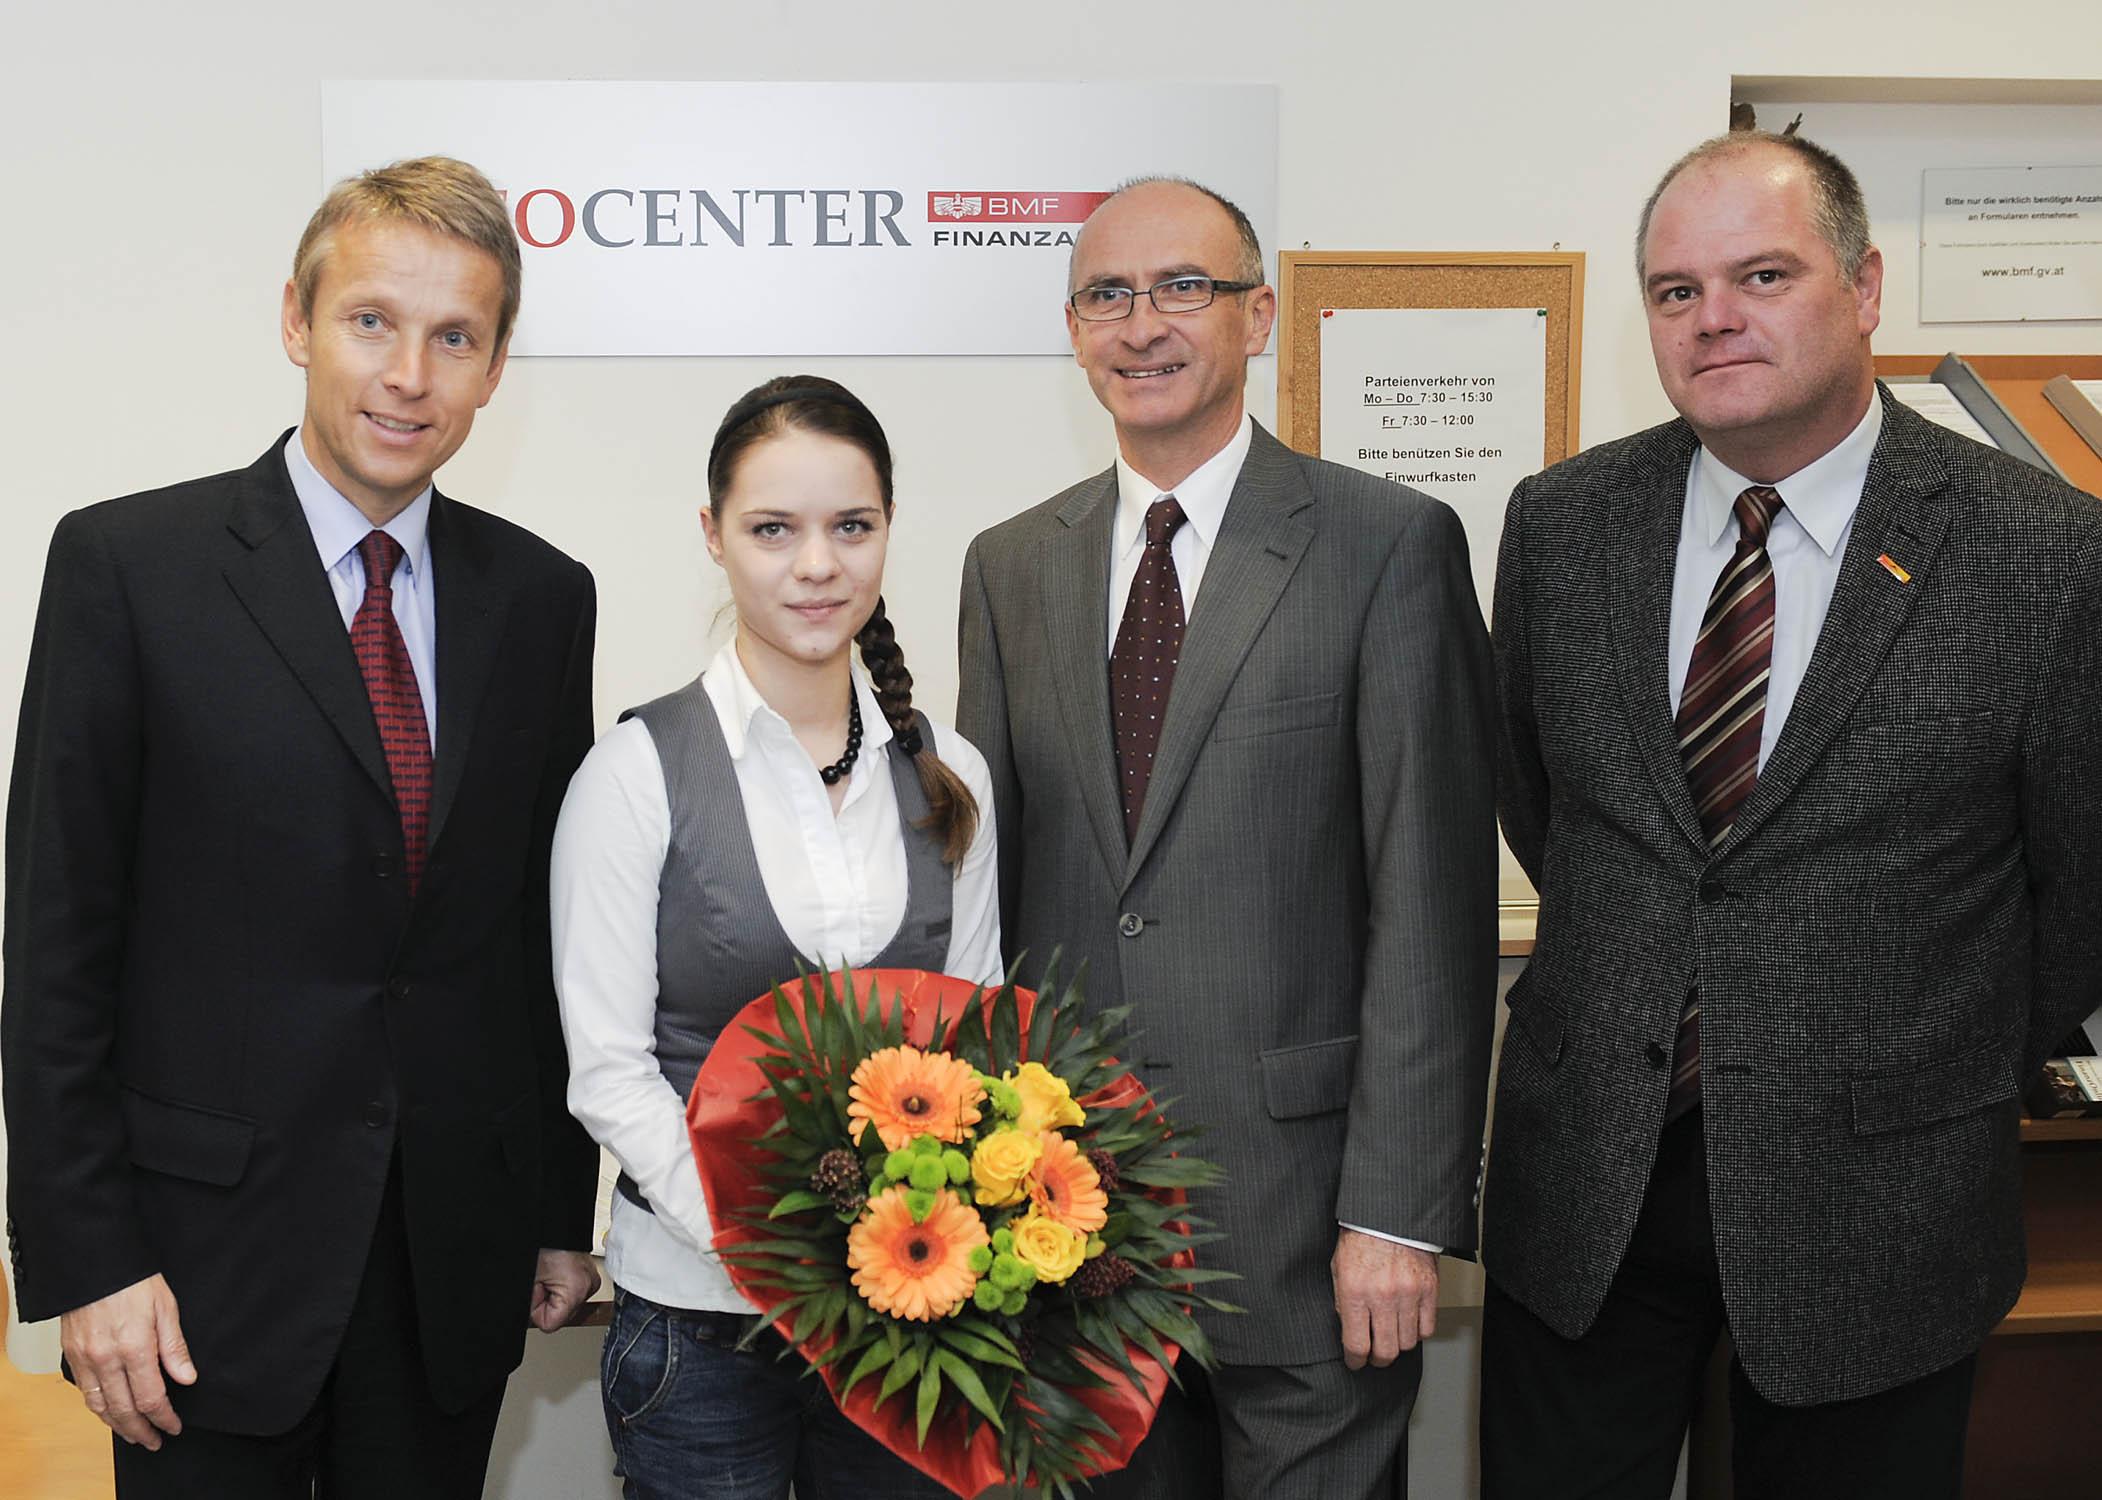 Zu Besuch bei den Finanzämtern Hartberg, Weiz und Graz (C) HBF